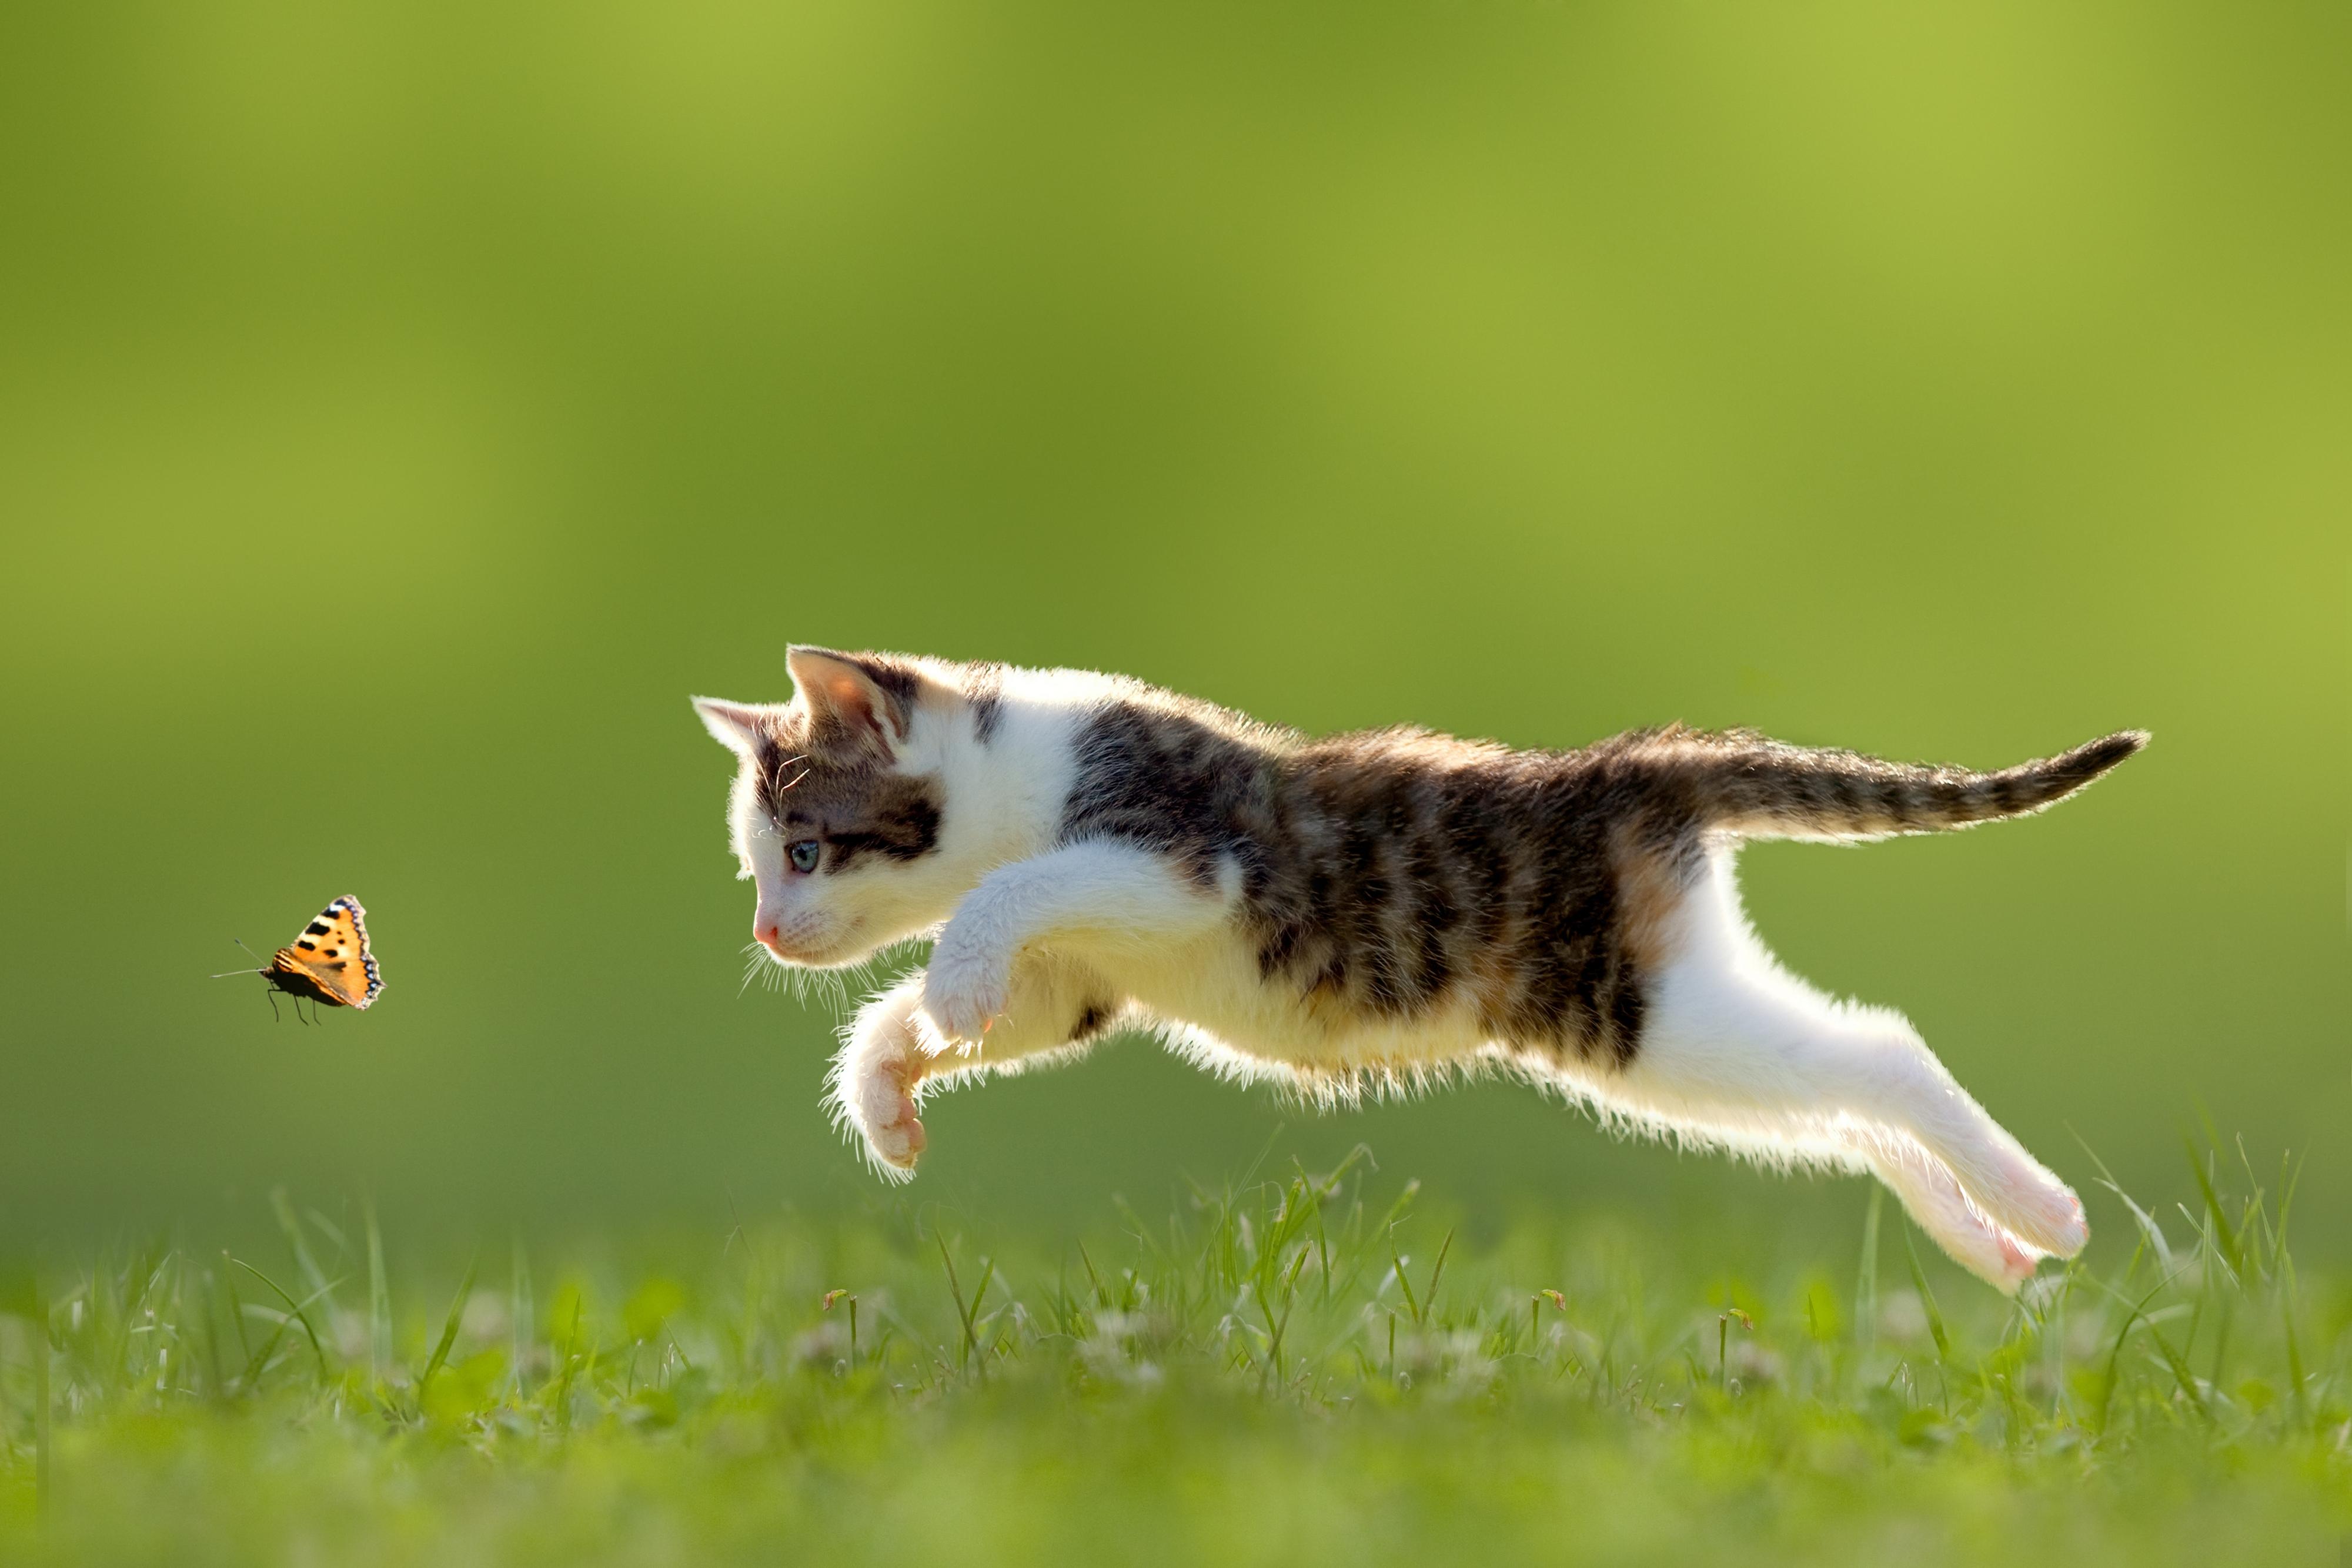 живые обои на рабочий стол кошка ходит по монитору № 177749 бесплатно